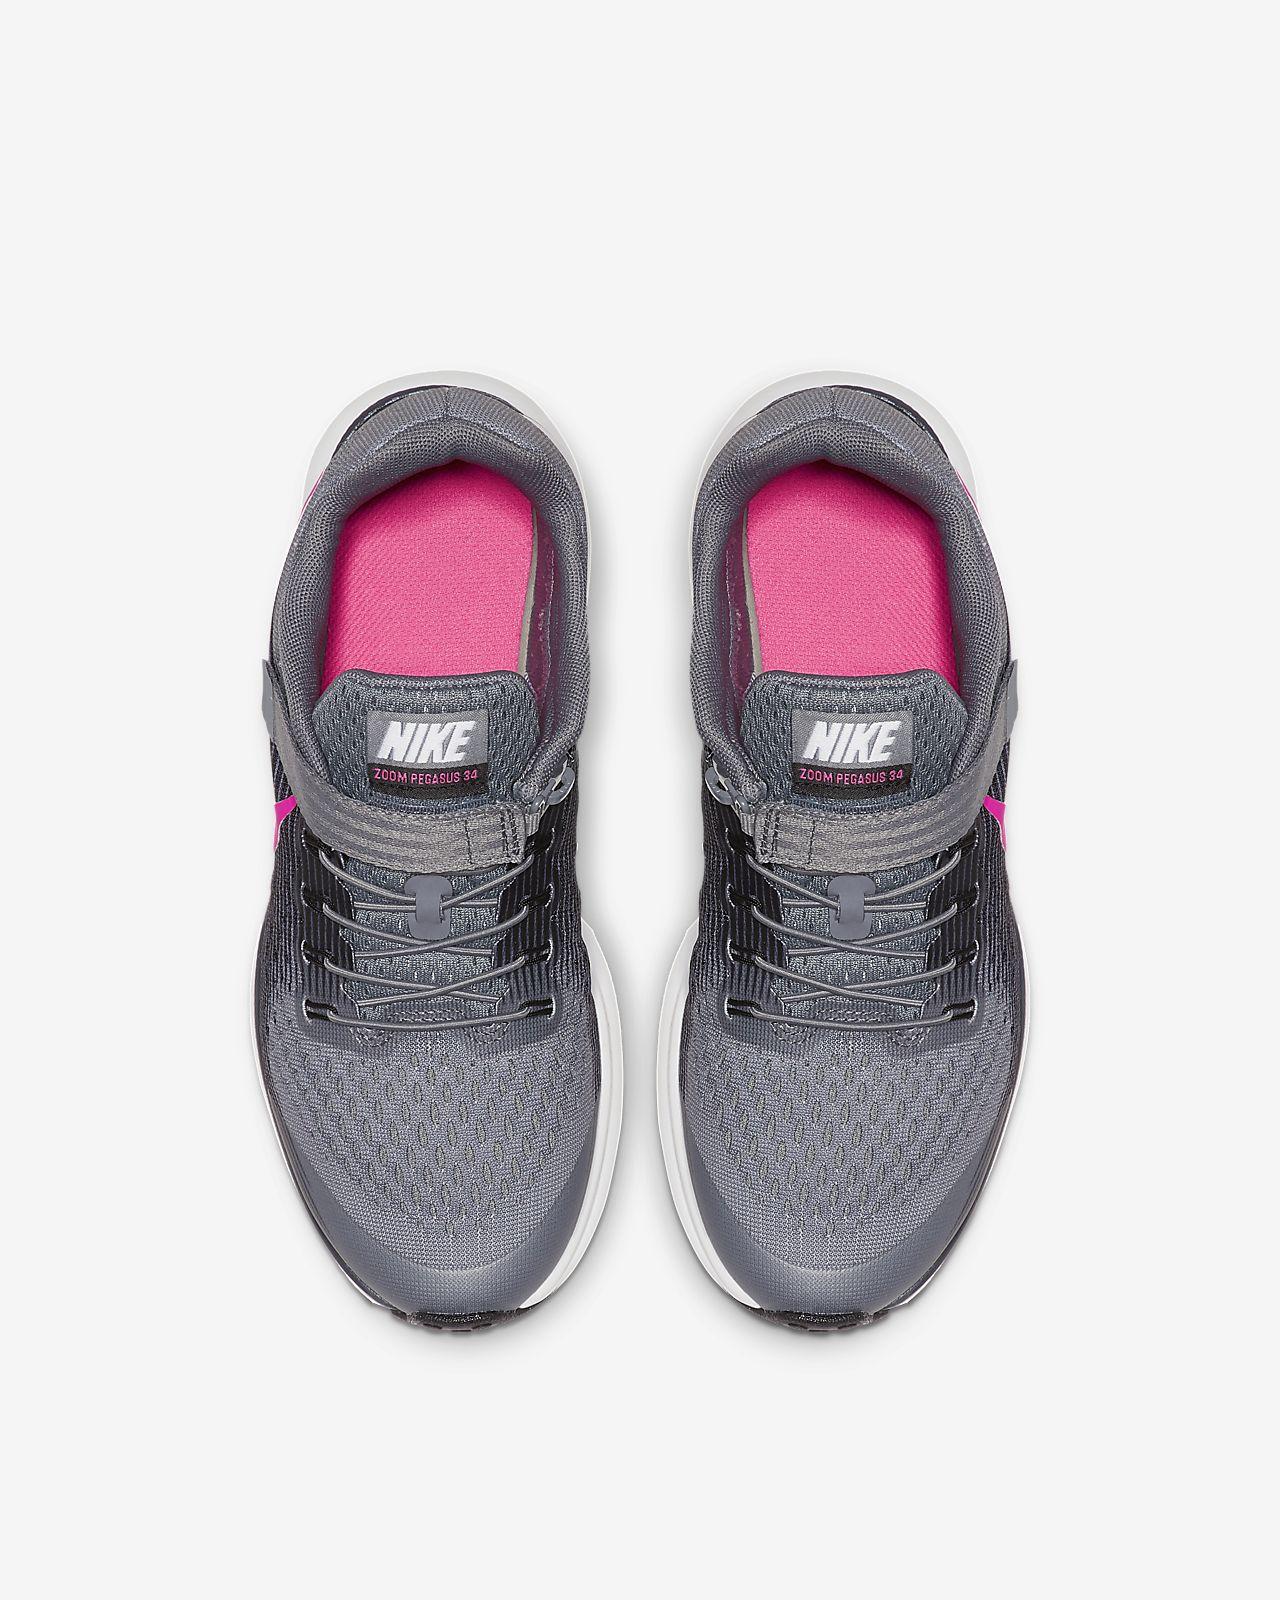 34ff02c58 ... Nike Air Zoom Pegasus 34 FlyEase Zapatillas de running - Niño a y niño a